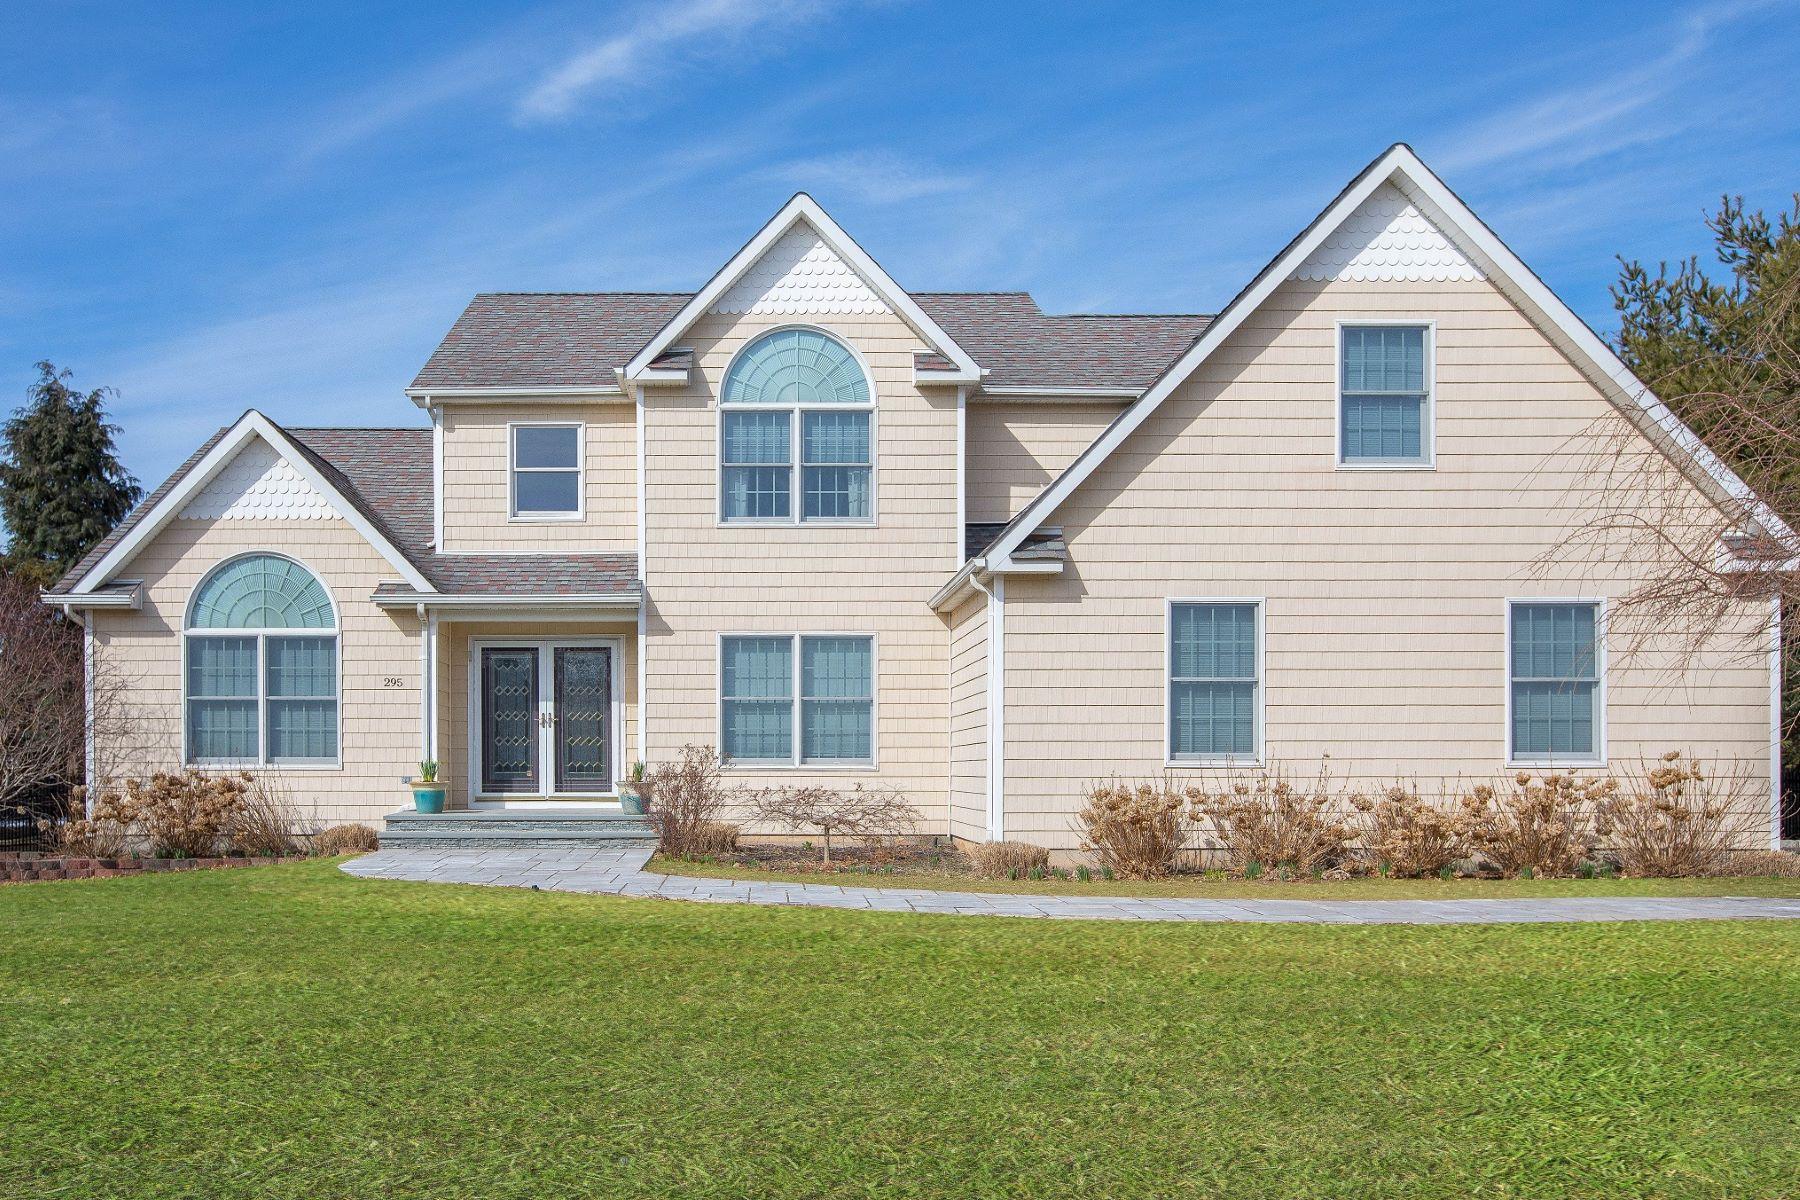 Частный односемейный дом для того Продажа на 295 Shore Ln , Peconic, NY 11958 295 Shore Ln, Peconic, Нью-Йорк, 11958 Соединенные Штаты